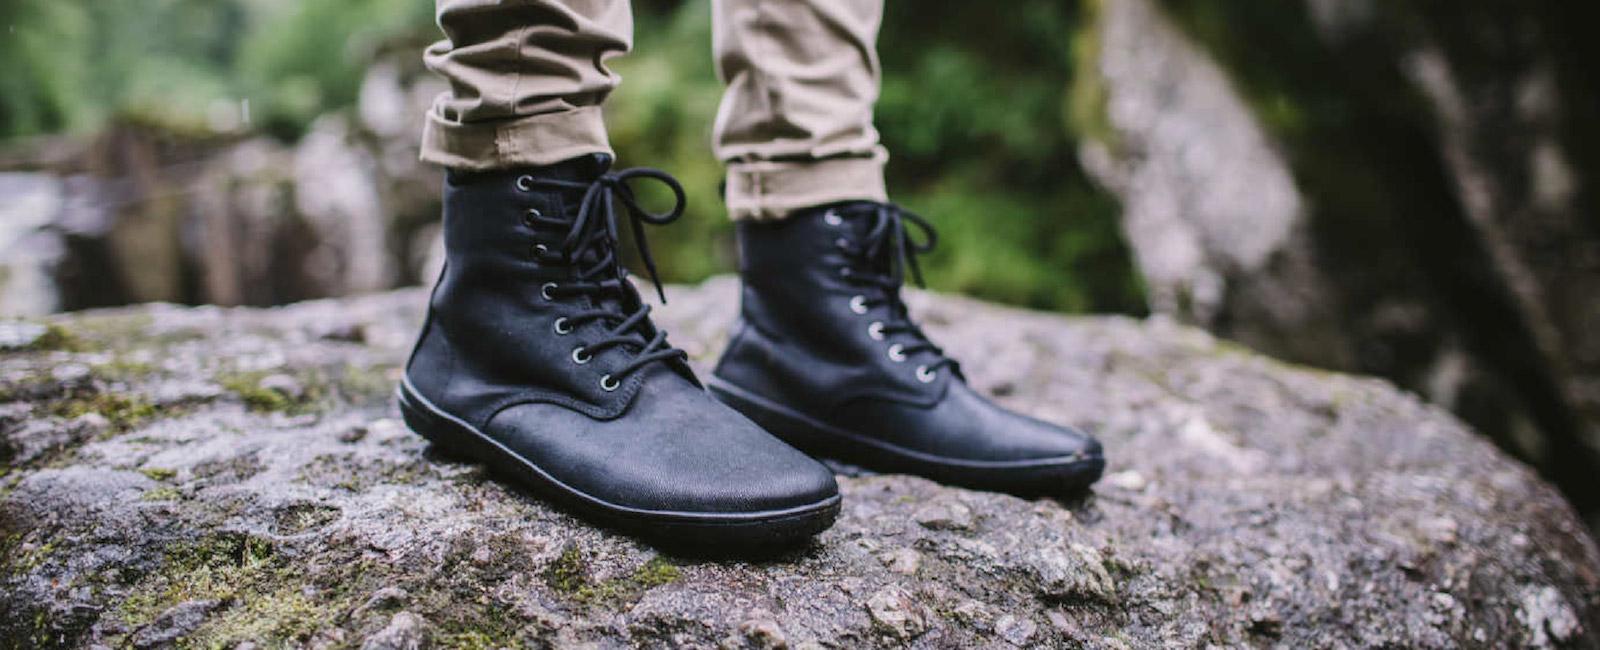 VIVOBAREFOOT – športová obuv i spoločenské barefoot topánky 11f69c2bb9